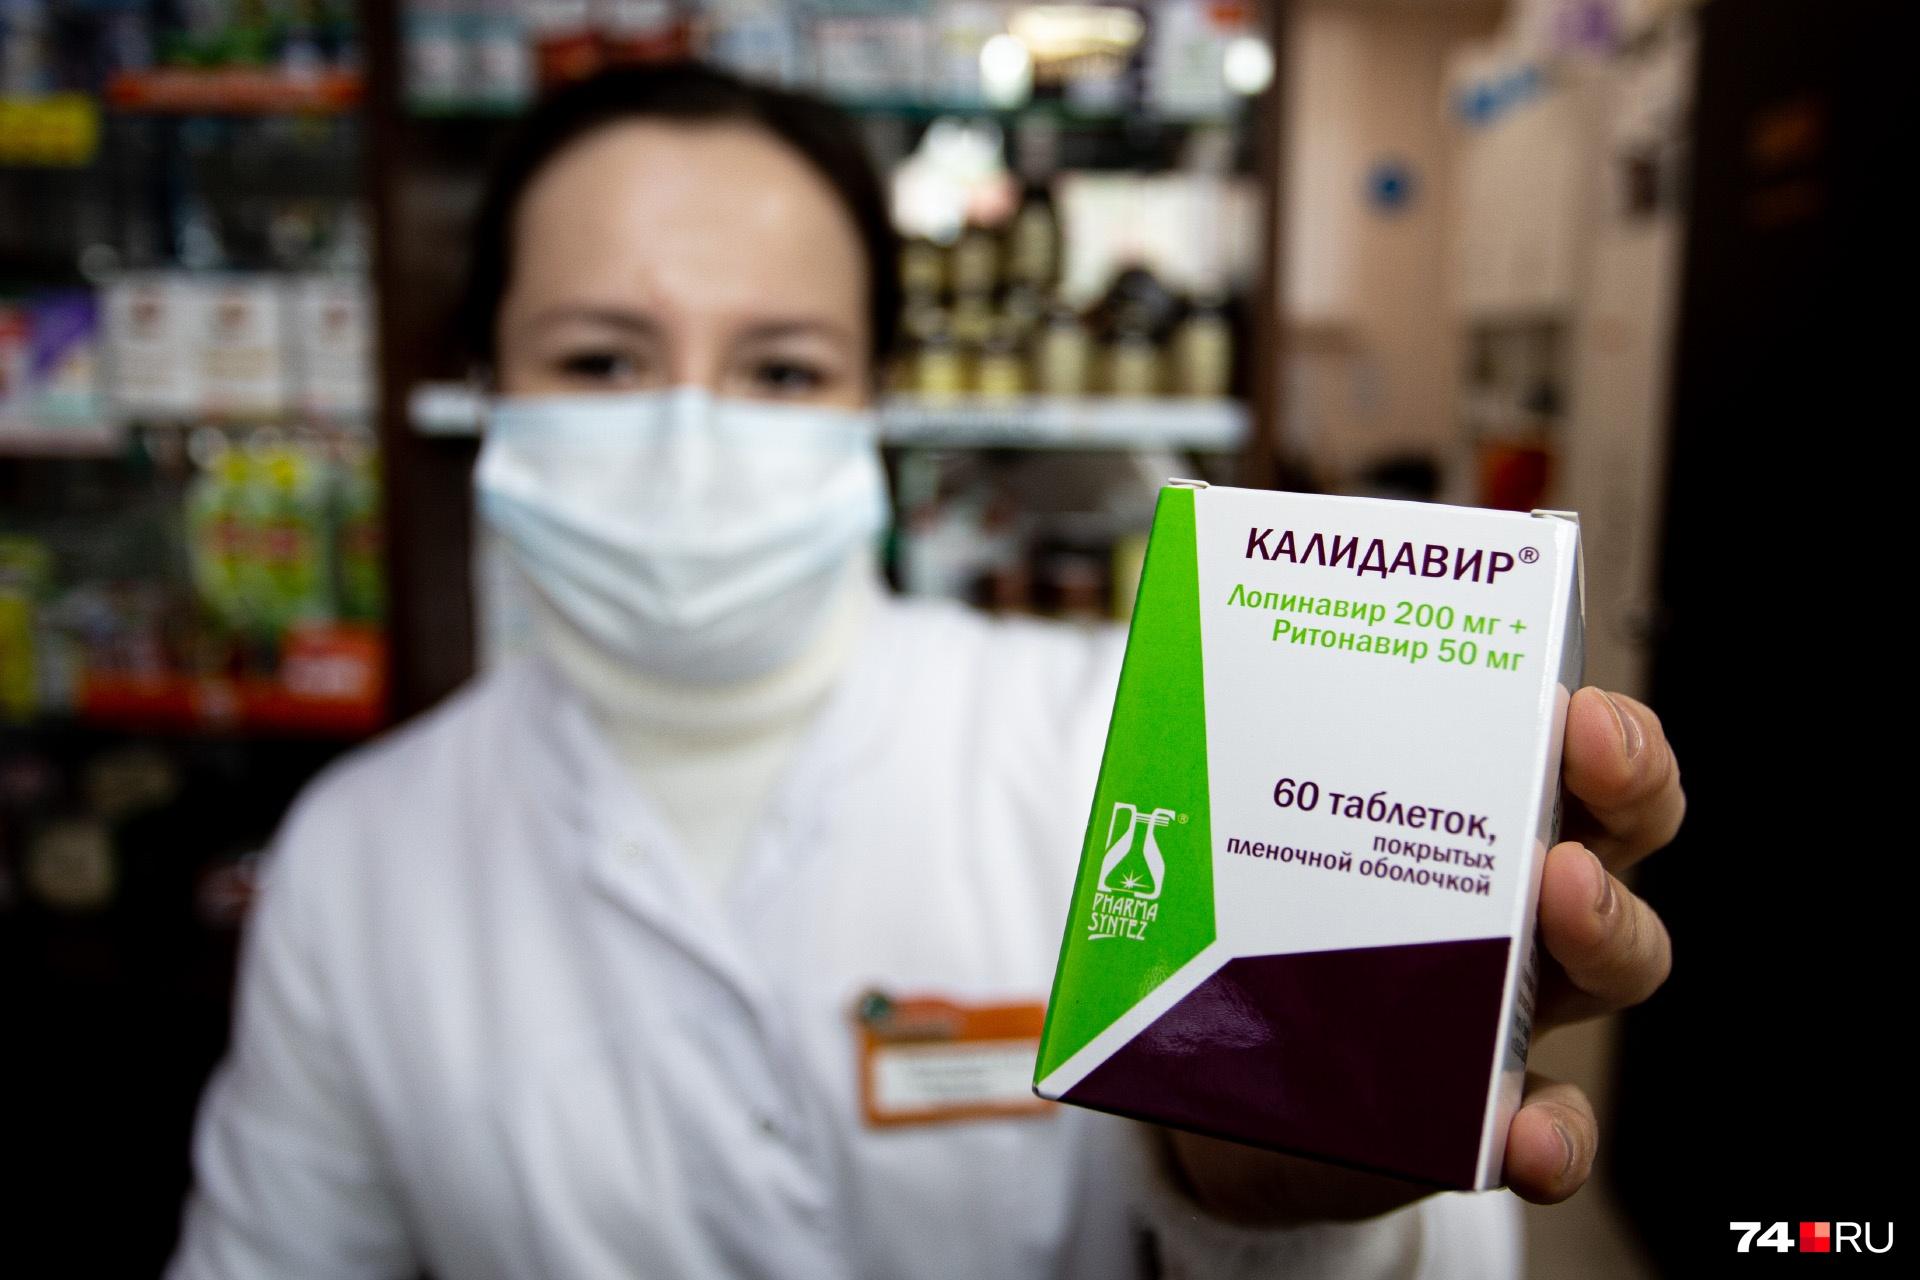 В аптеках предлагают альтернативу «Коронавиру» — спорную, зато более дешёвую